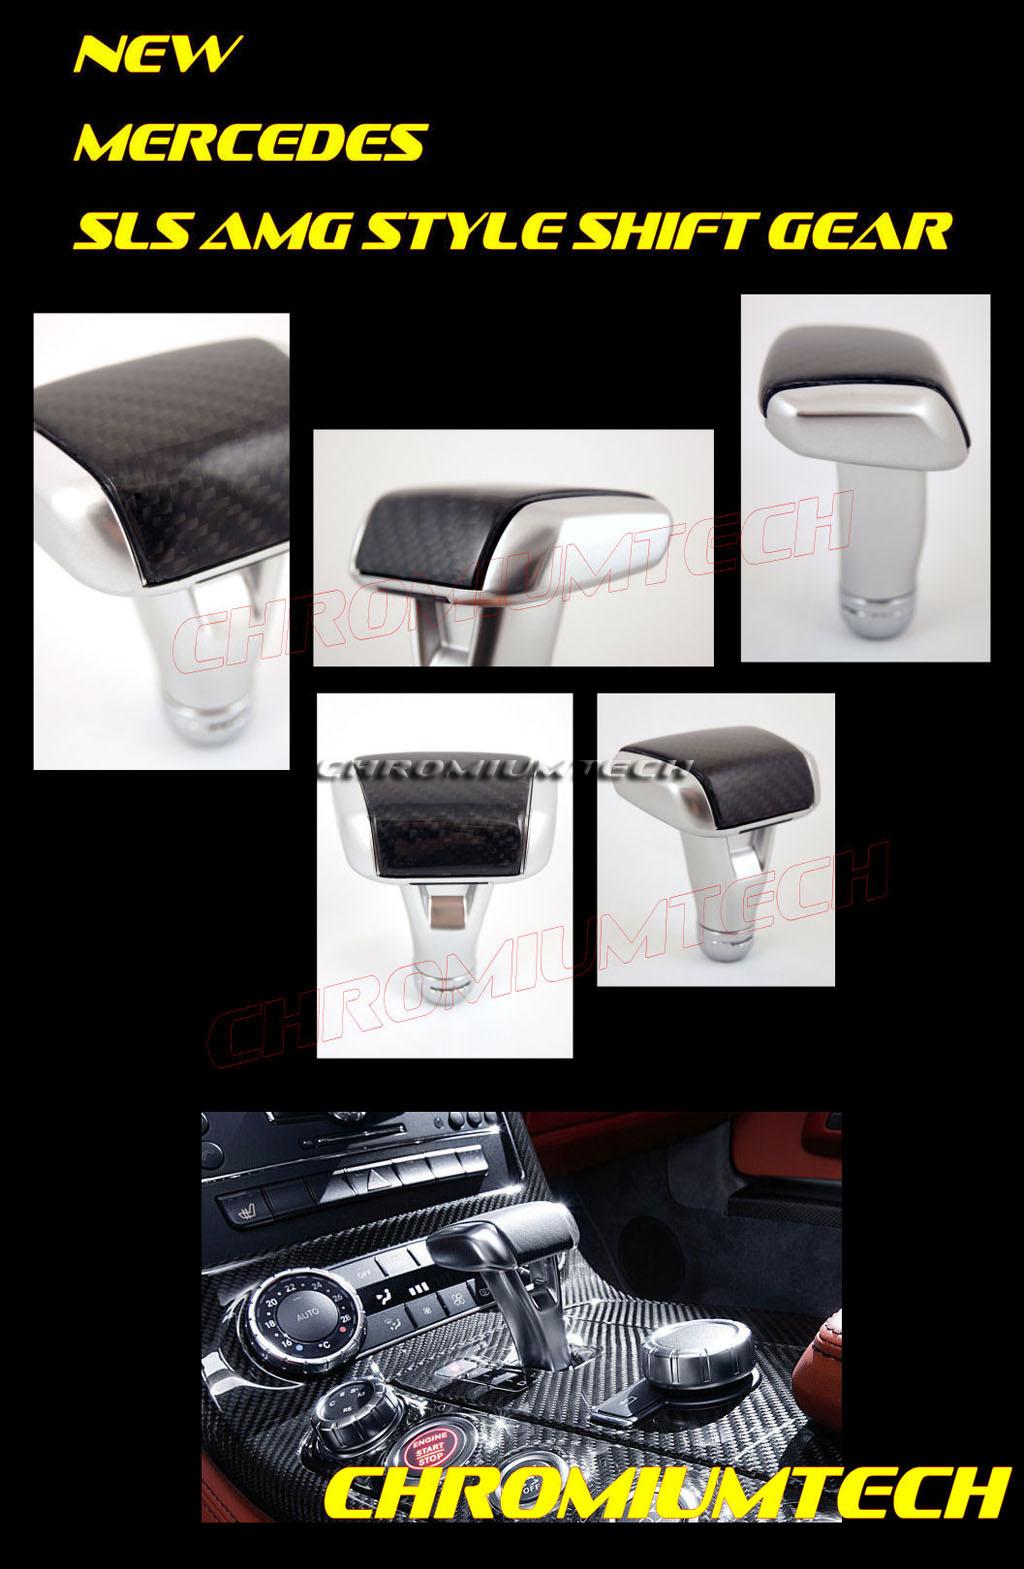 schaltknauf mercedes w203 w204 c klasse amg sls stil. Black Bedroom Furniture Sets. Home Design Ideas